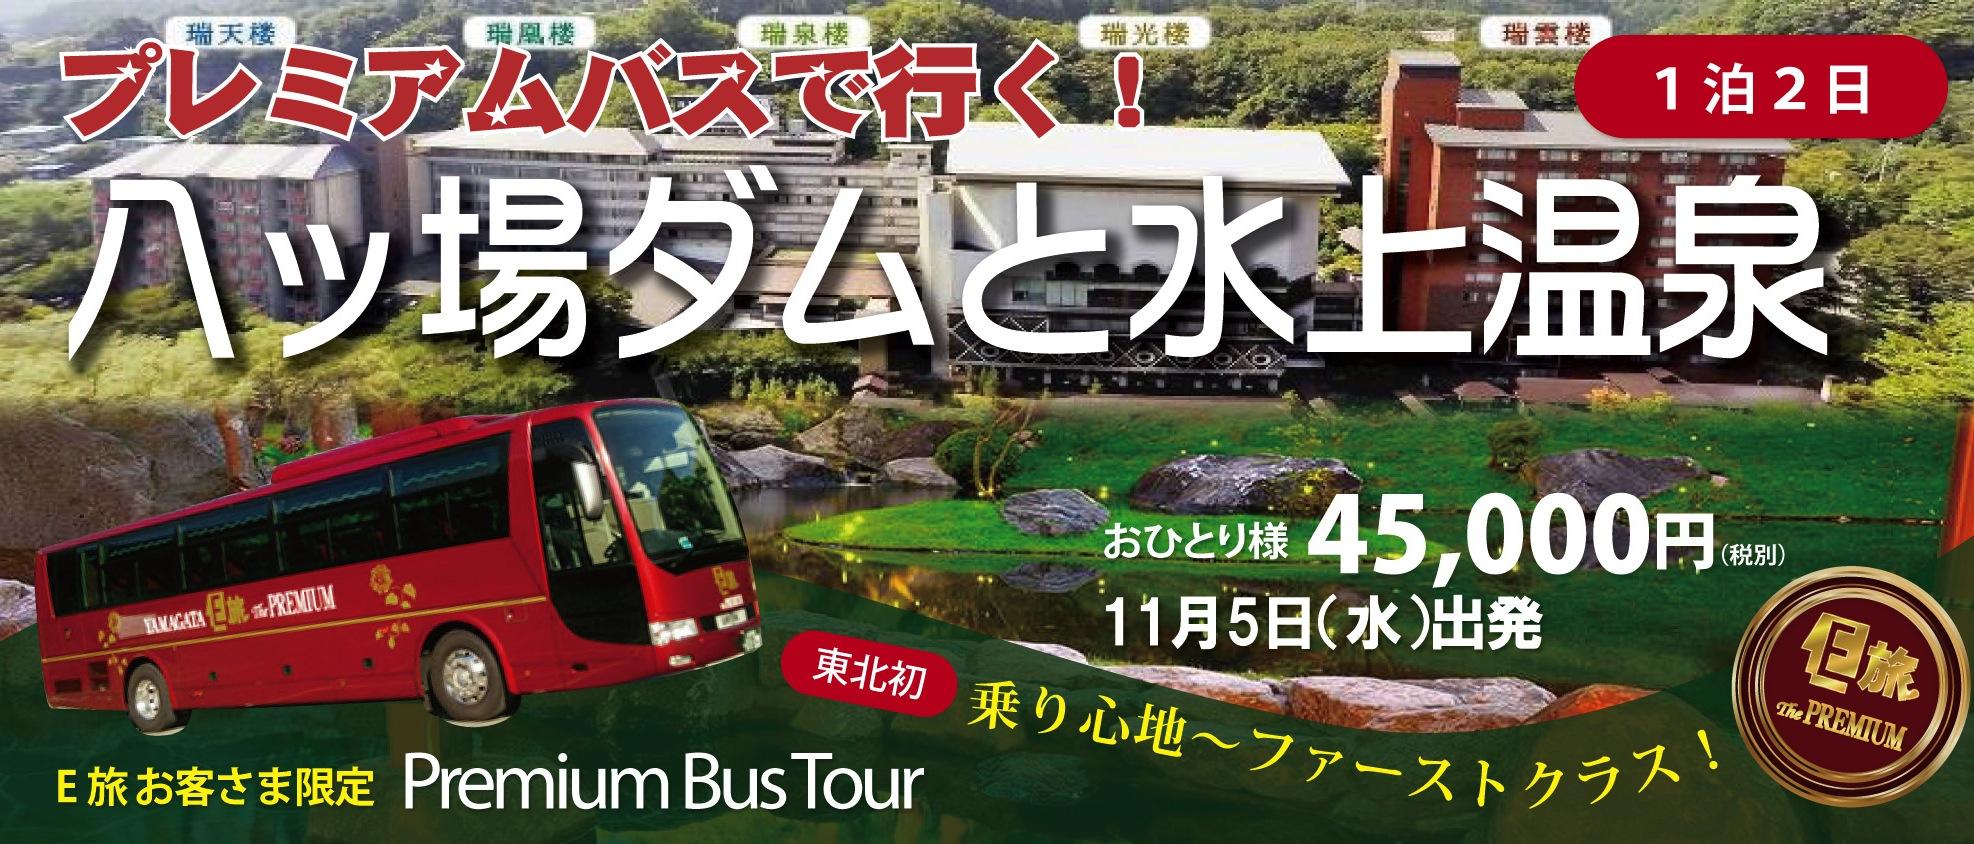 プレミアムバスで行く!八ッ場ダムと水上温泉★11月5日(水)1泊2日